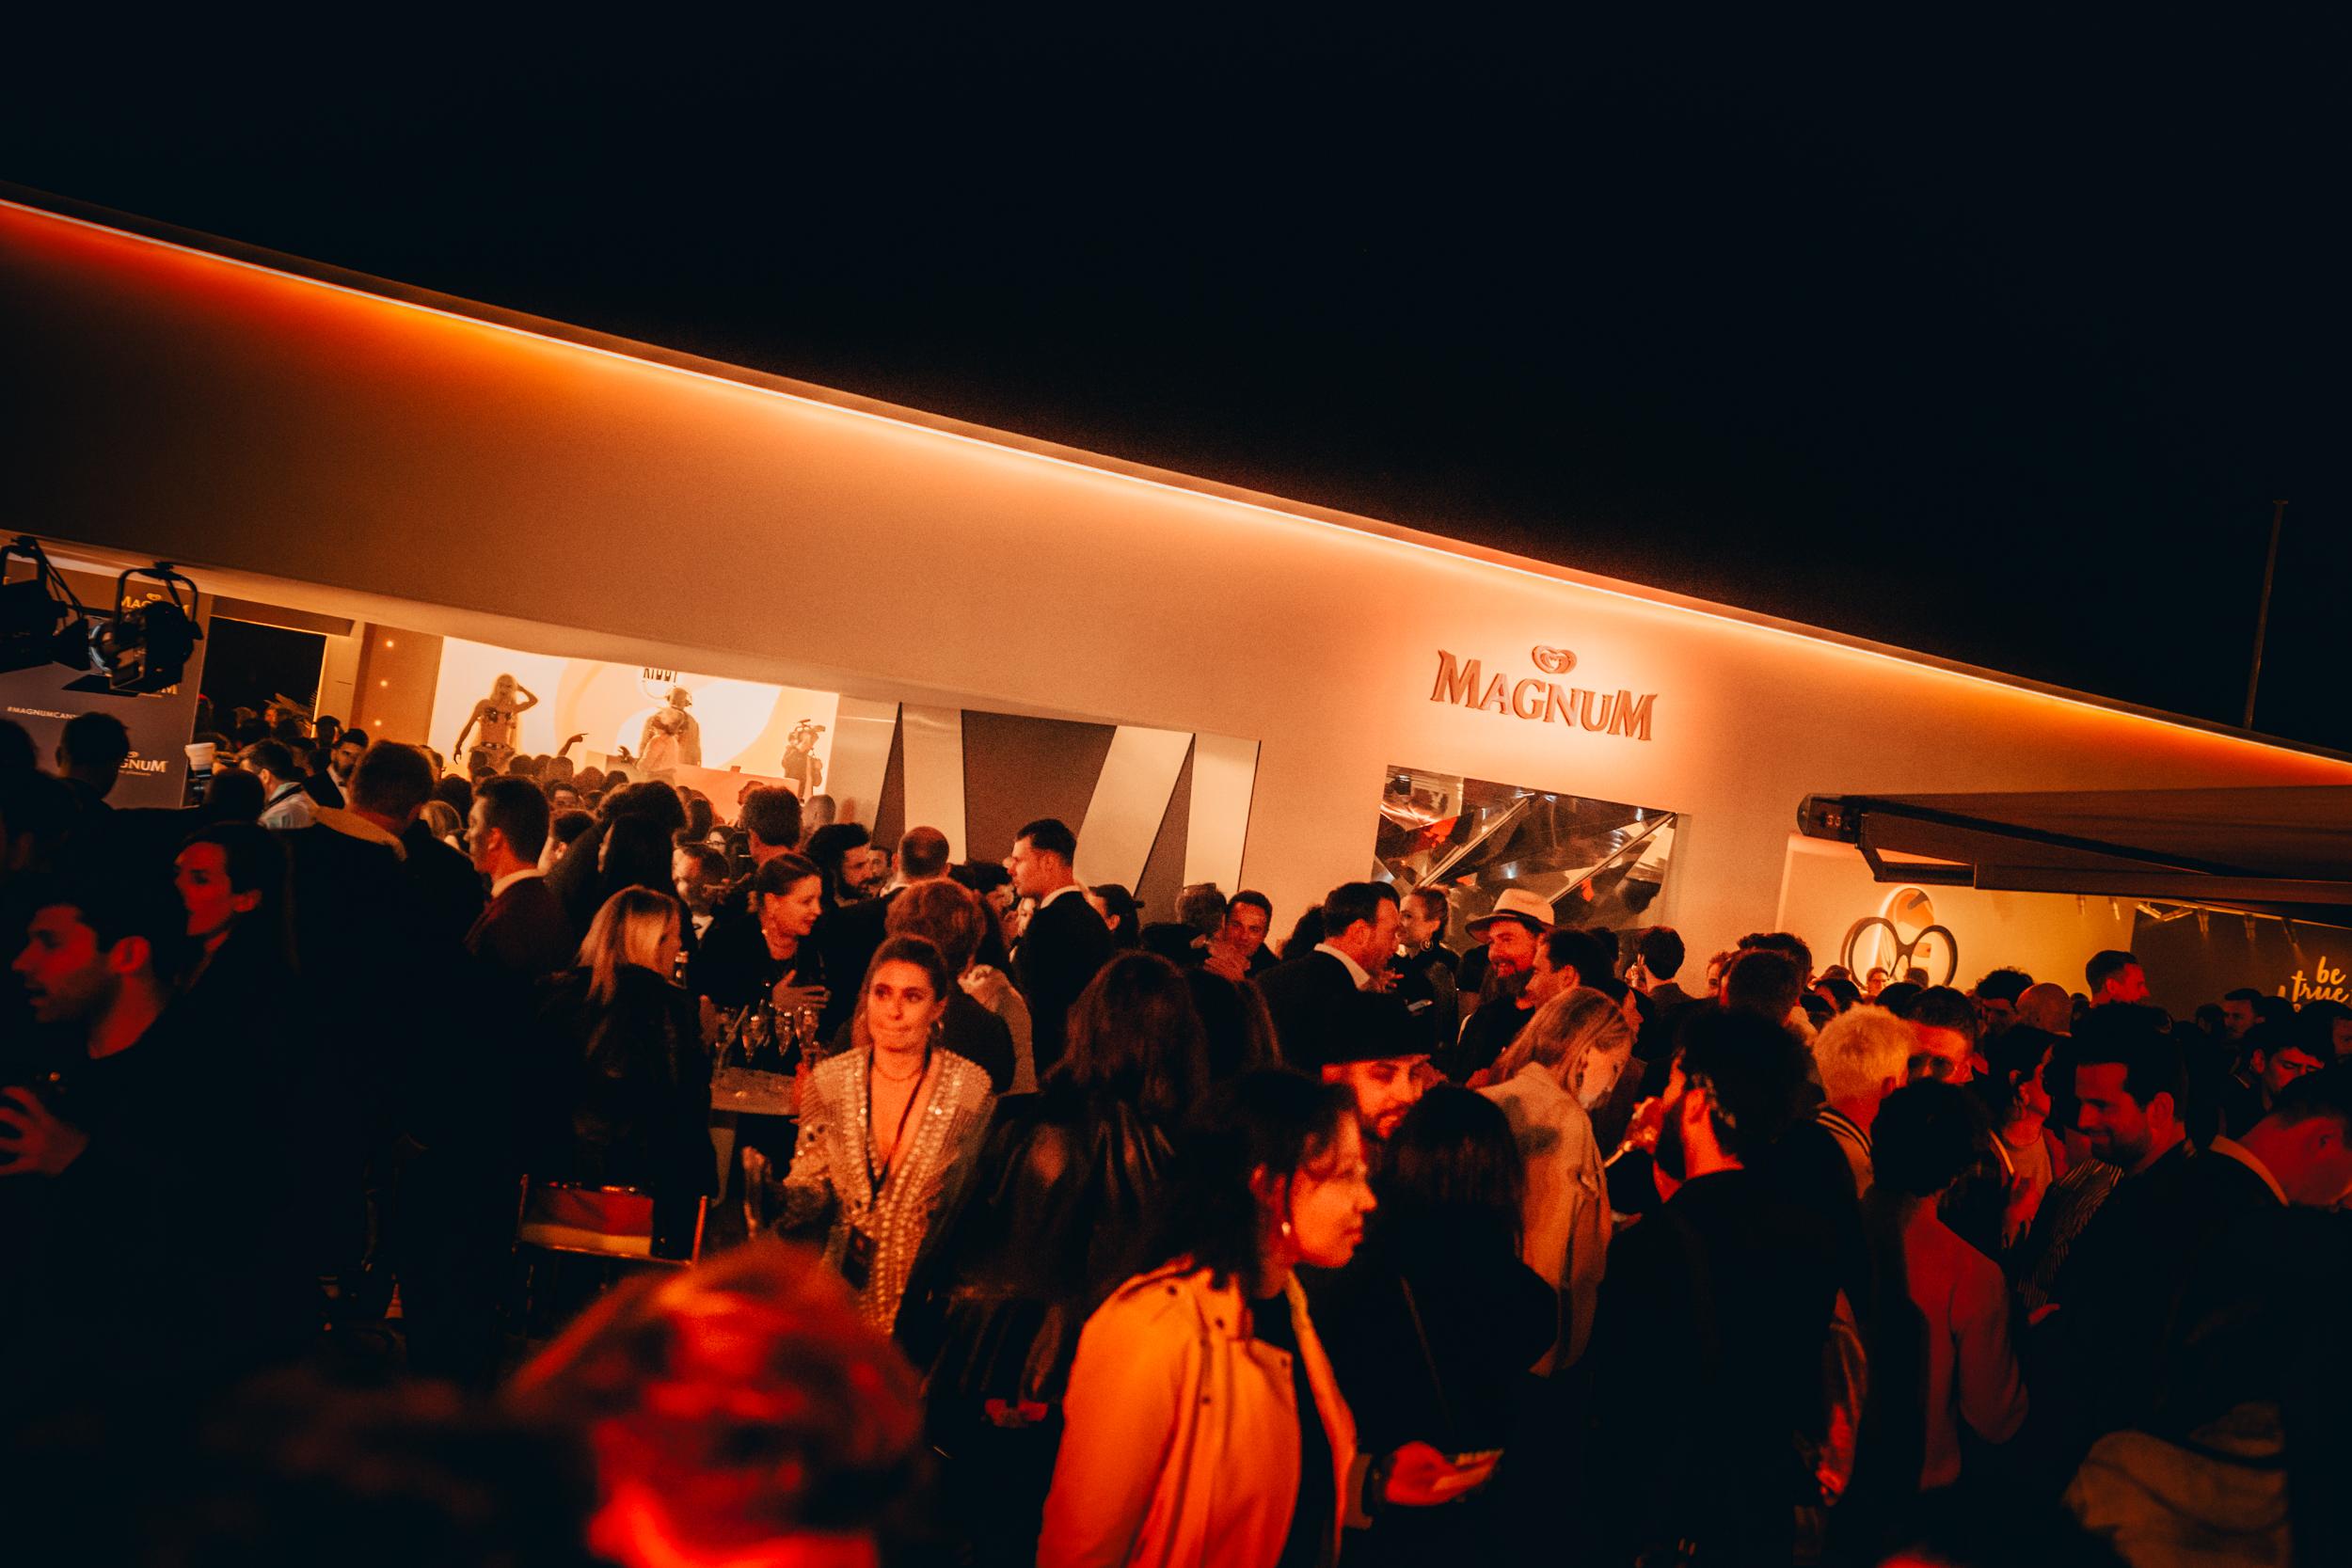 Magnum Cannes 2019_Florian Leger_HD_N°-589.jpg